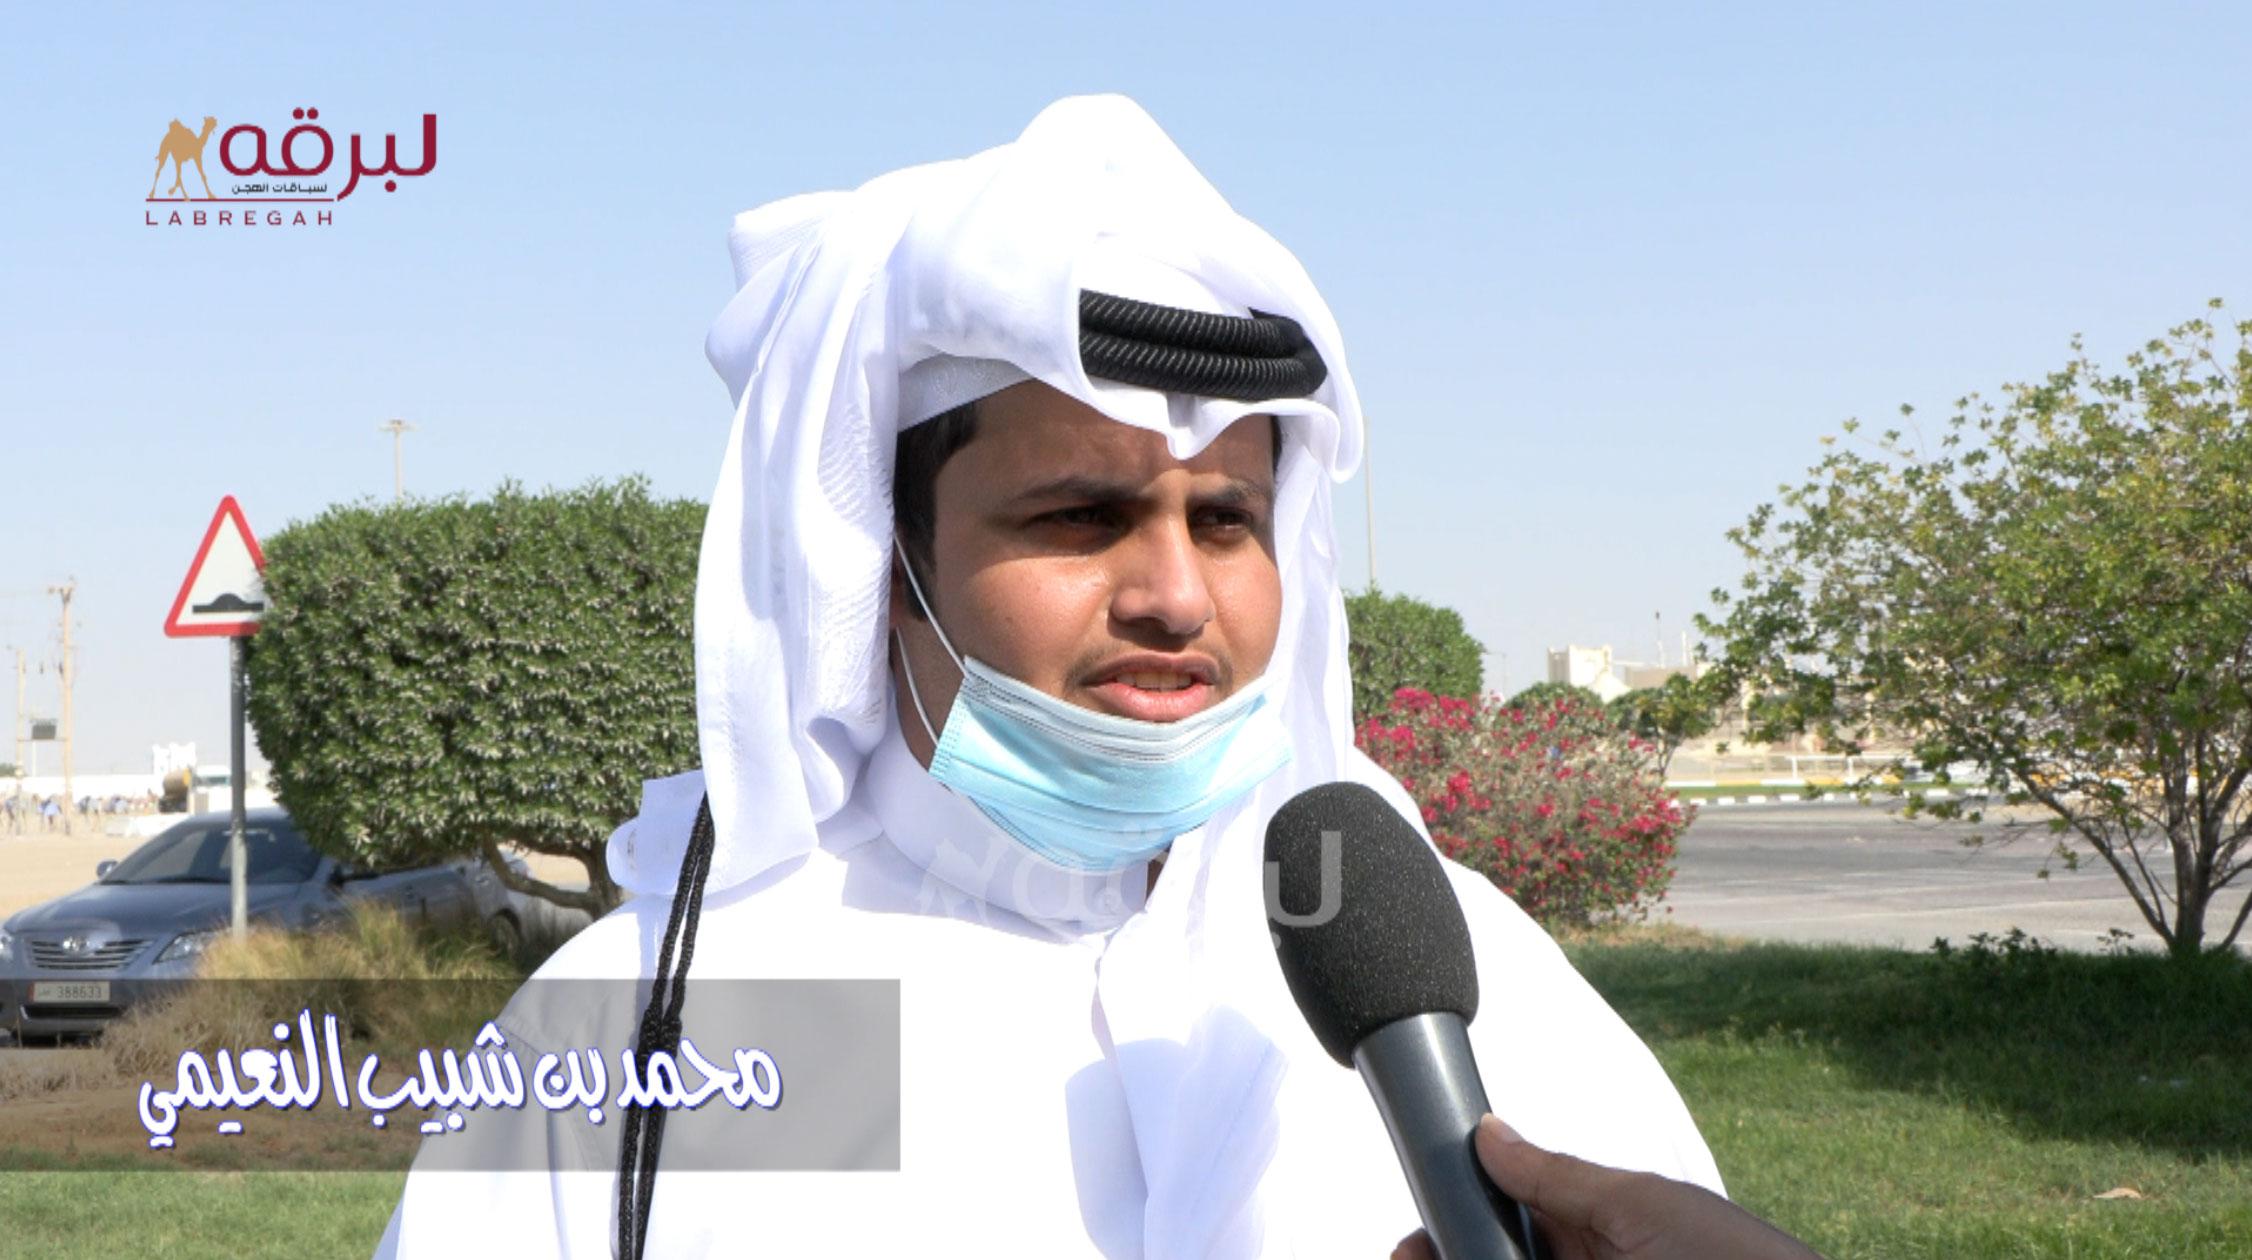 لقاء مع محمد بن شبيب النعيمي.. الشوط الرئيسي للزمول (إنتاج) ميدان الشحانية ٢٦-٩-٢٠٢١